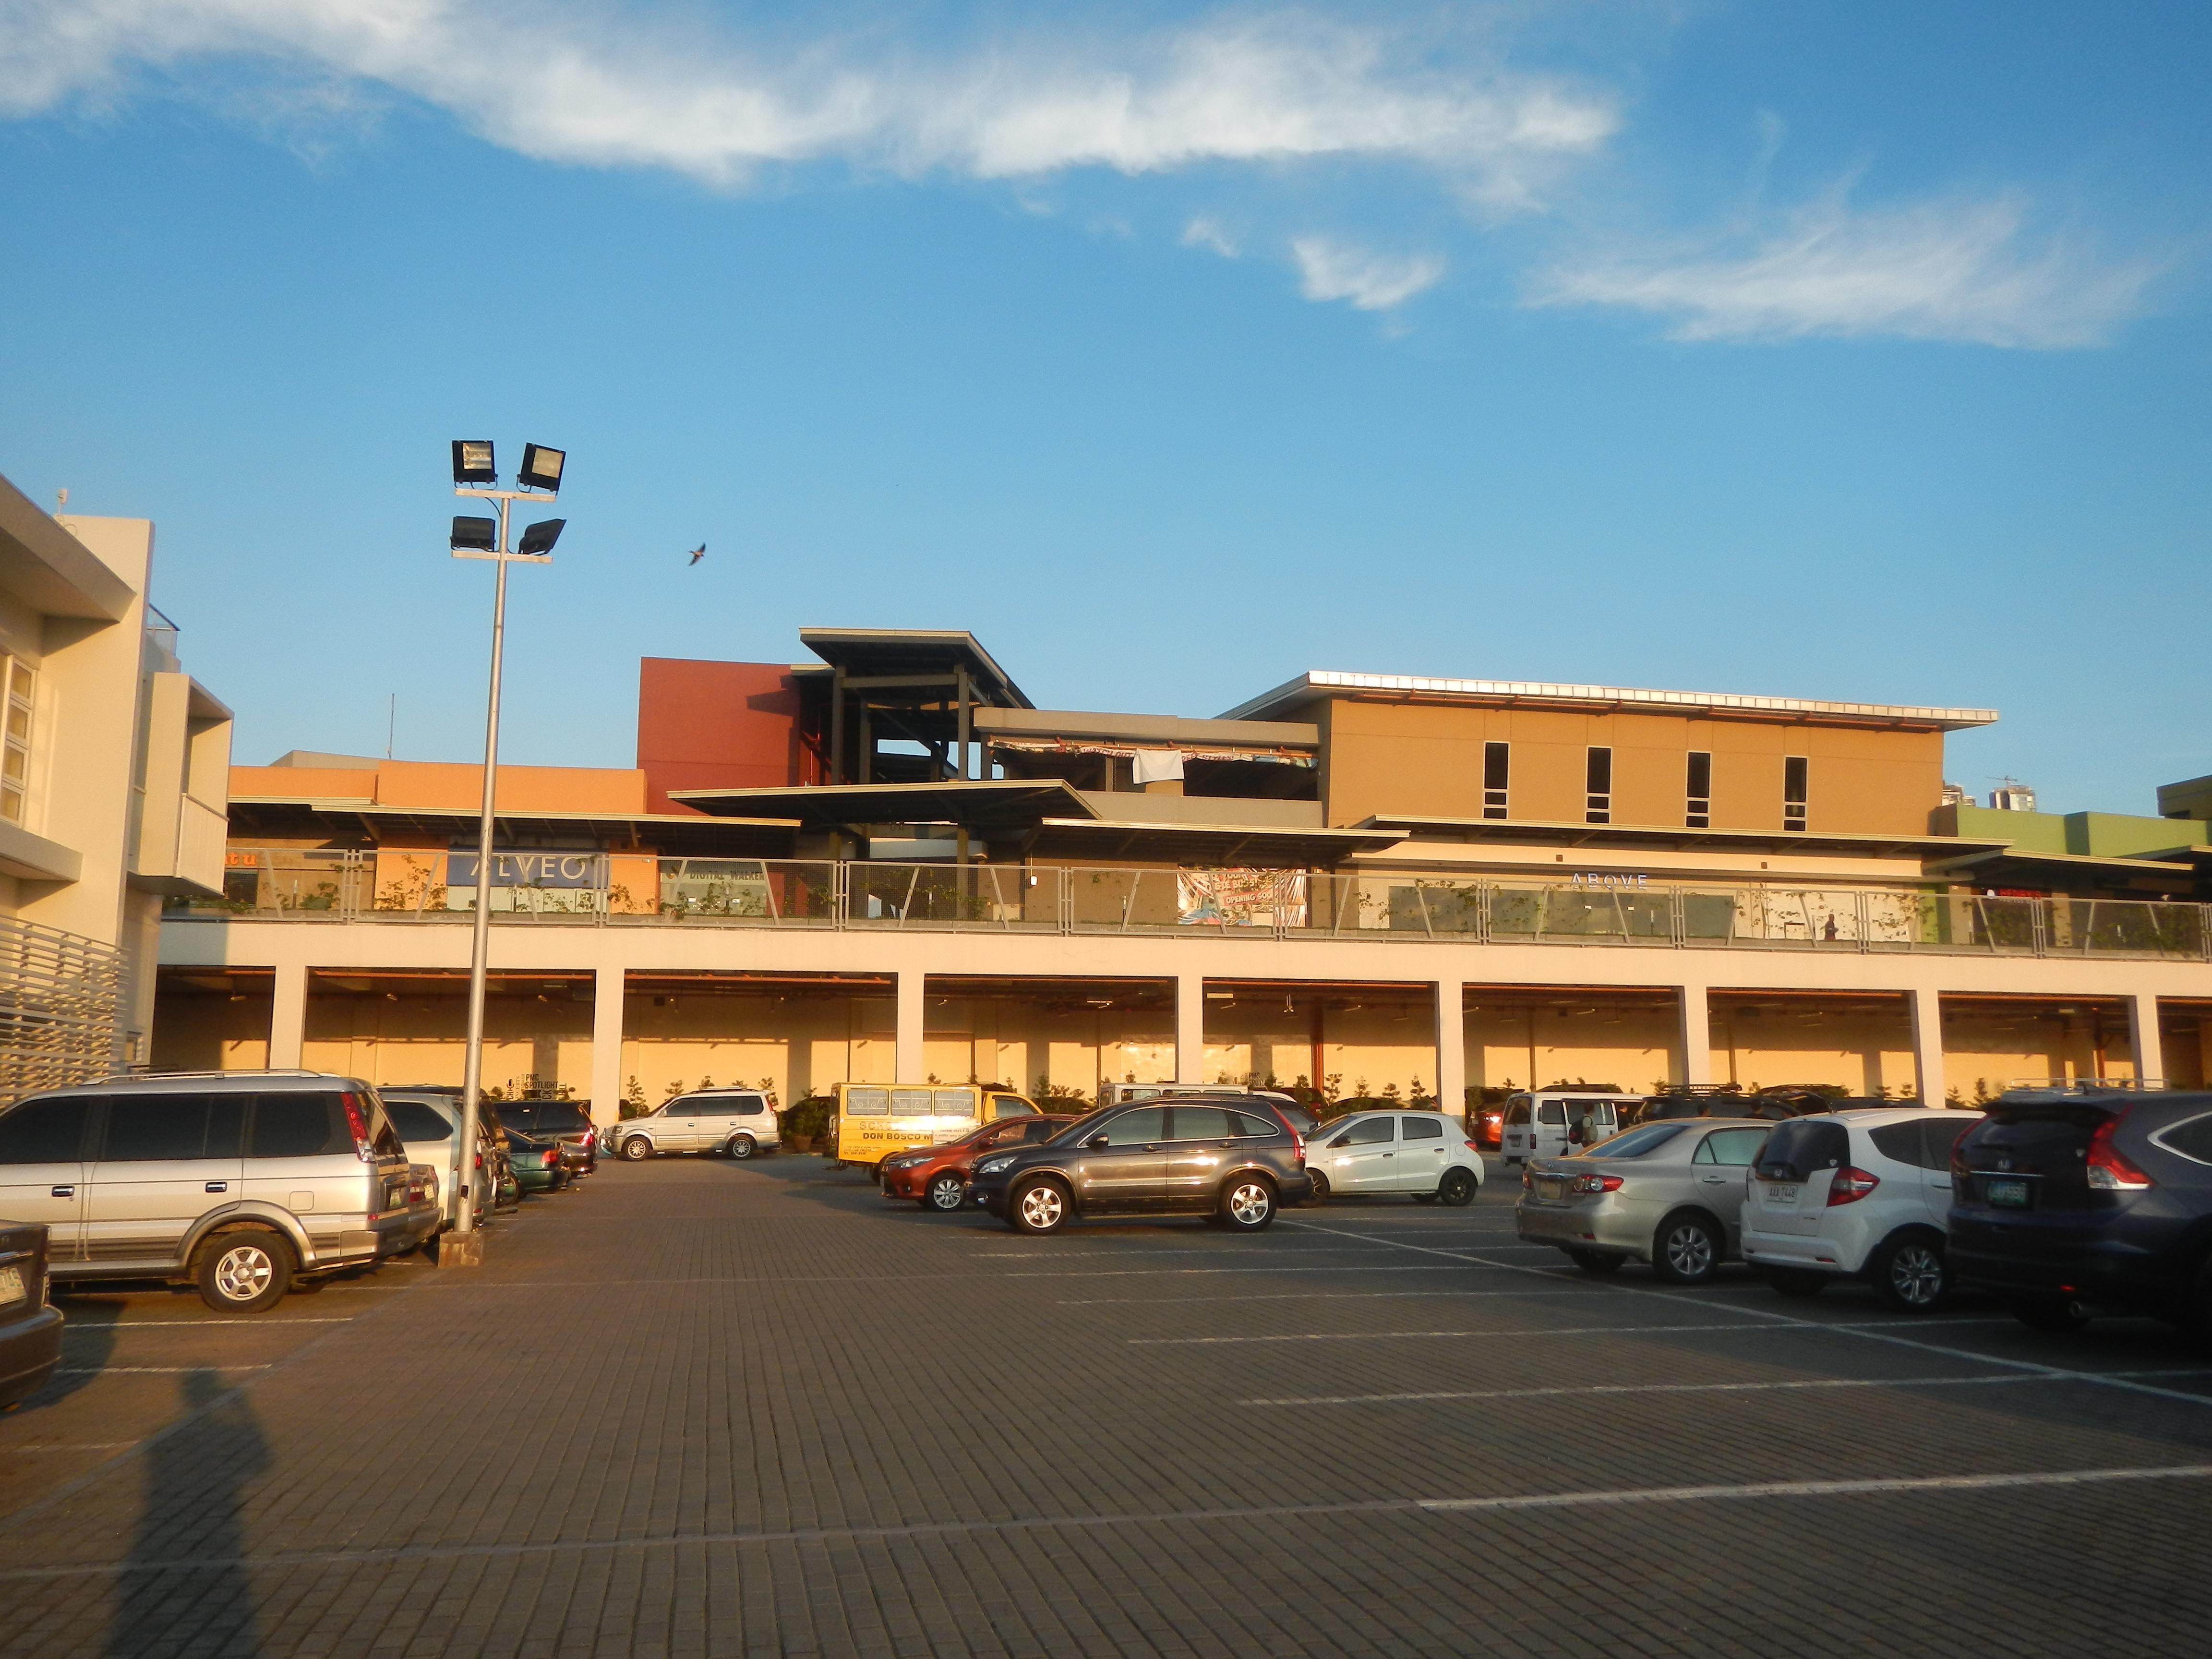 File:07935jfExterior of Circuit Lane Ayala Malls Circuit Carmona